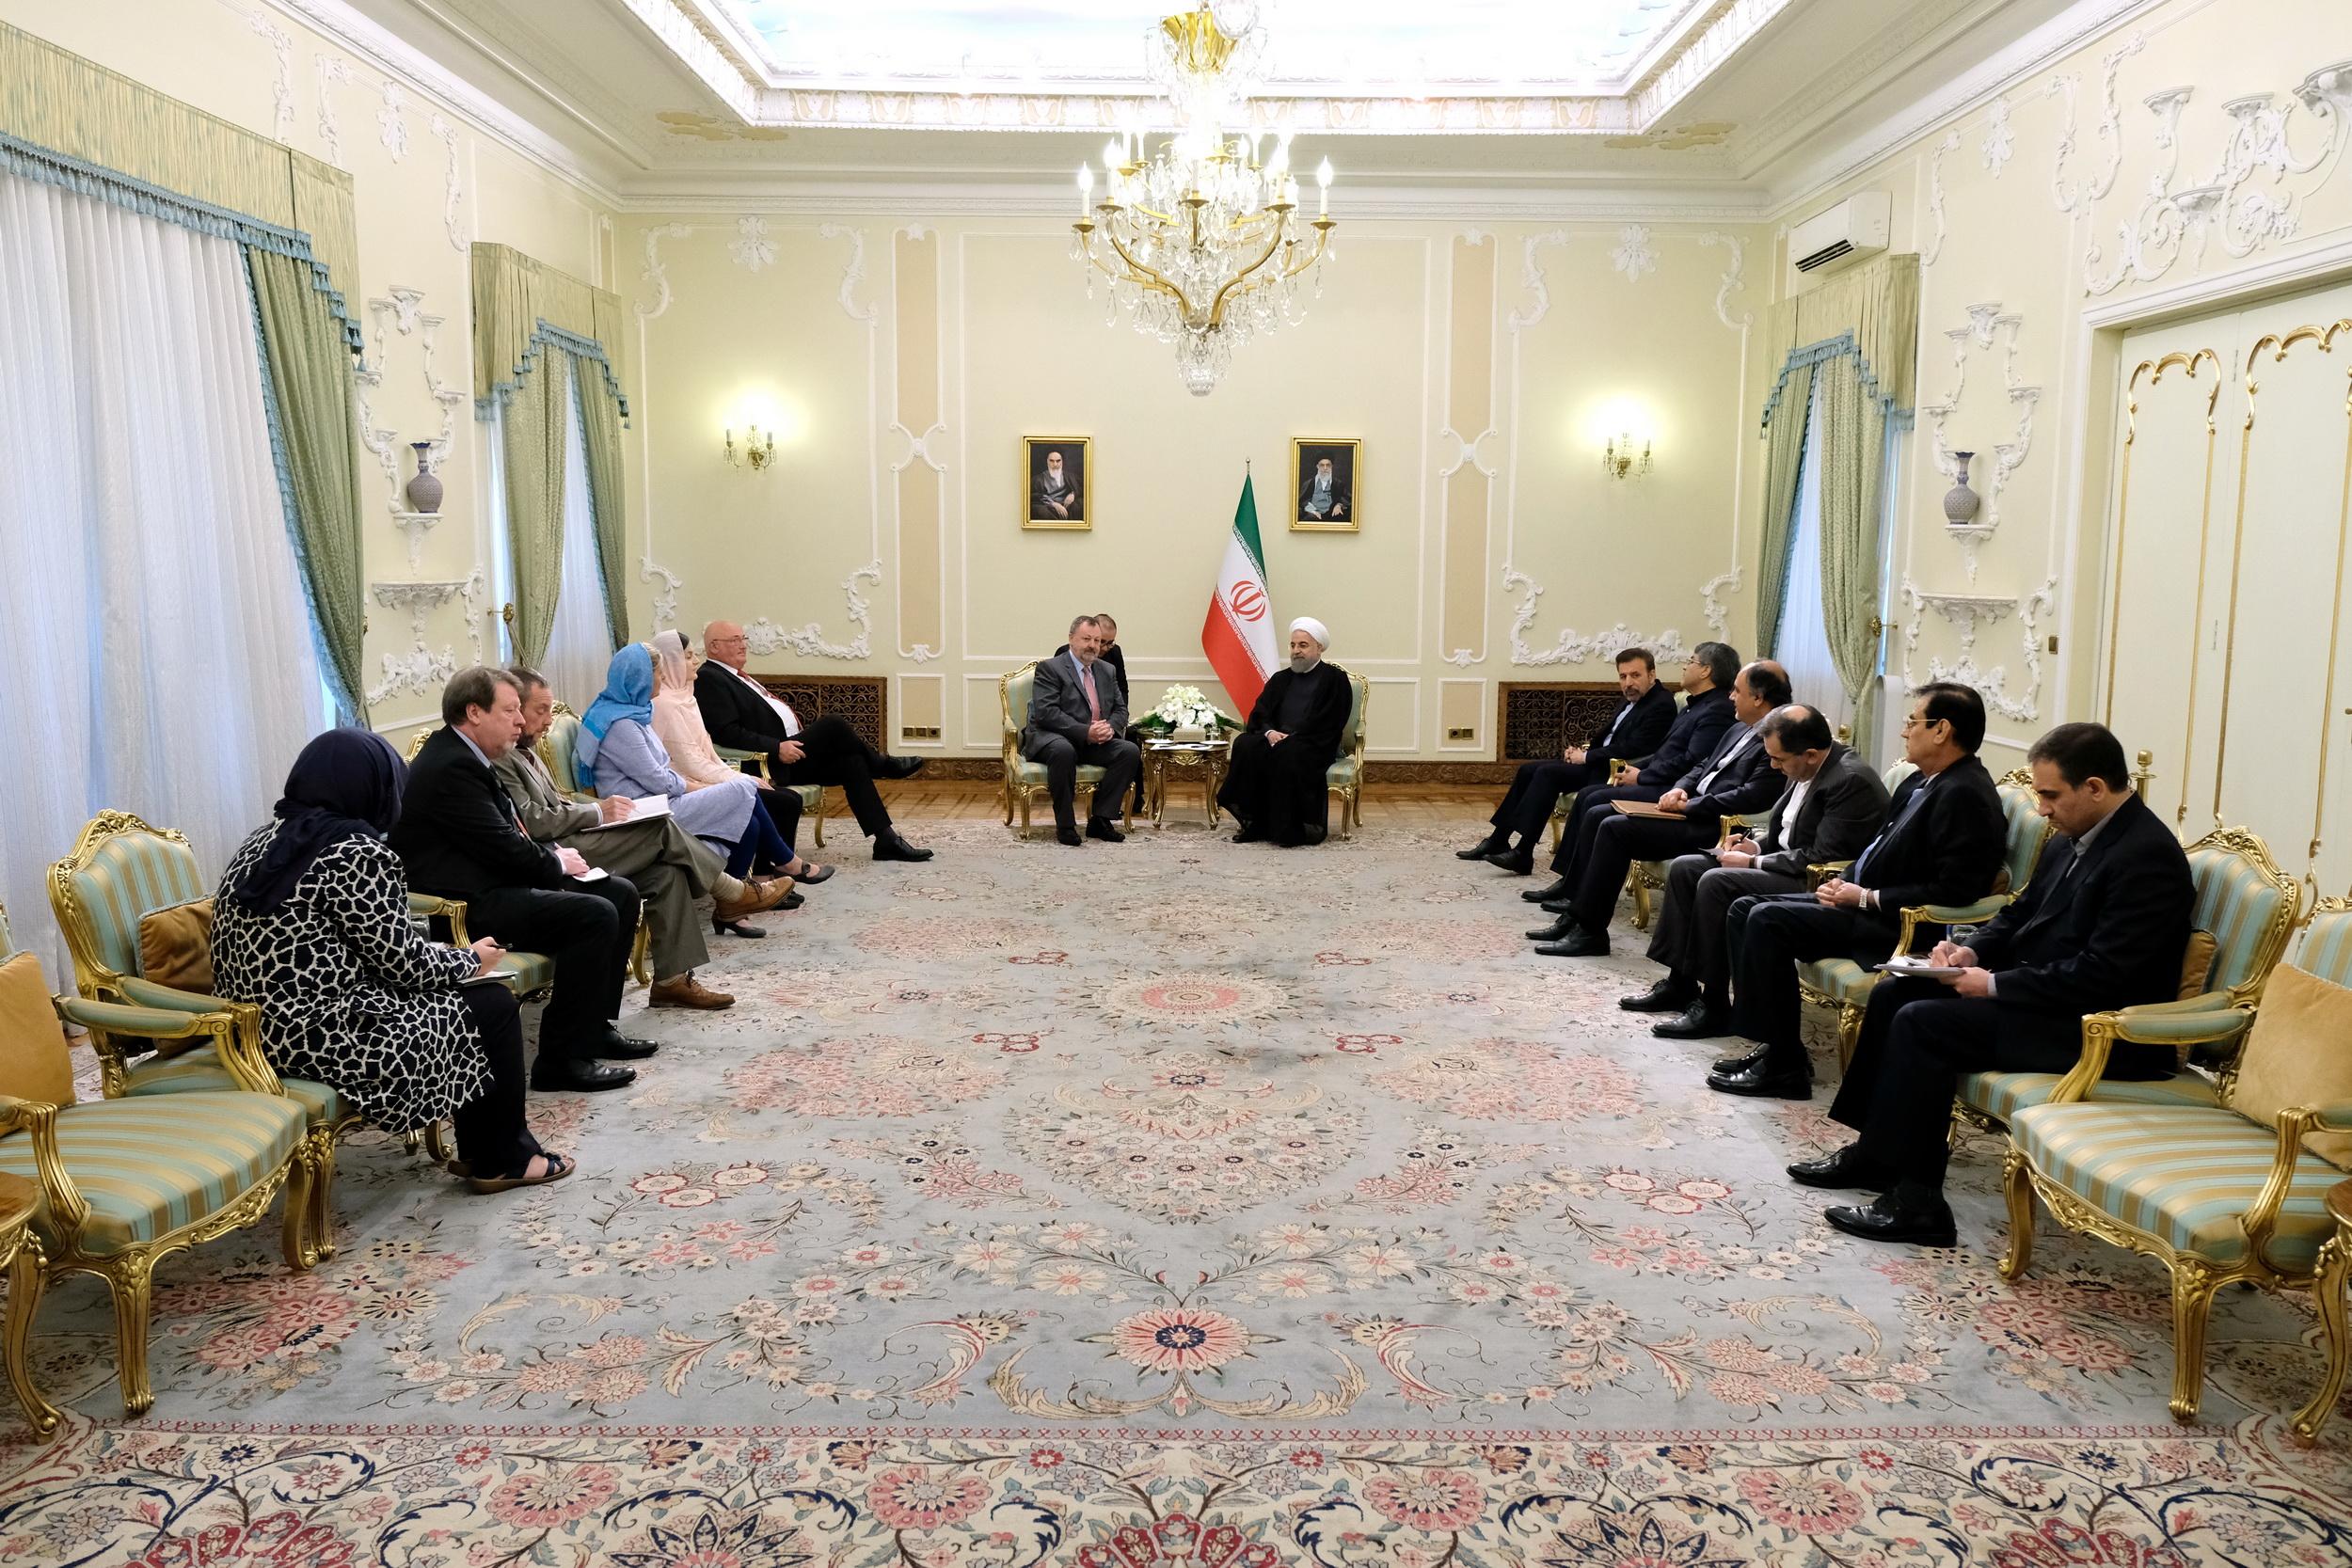 تهران از گسترش روابط با دوبلین استقبال می کند/ ایران میتواند نیازمندی اروپا به انرژی را تامین کند